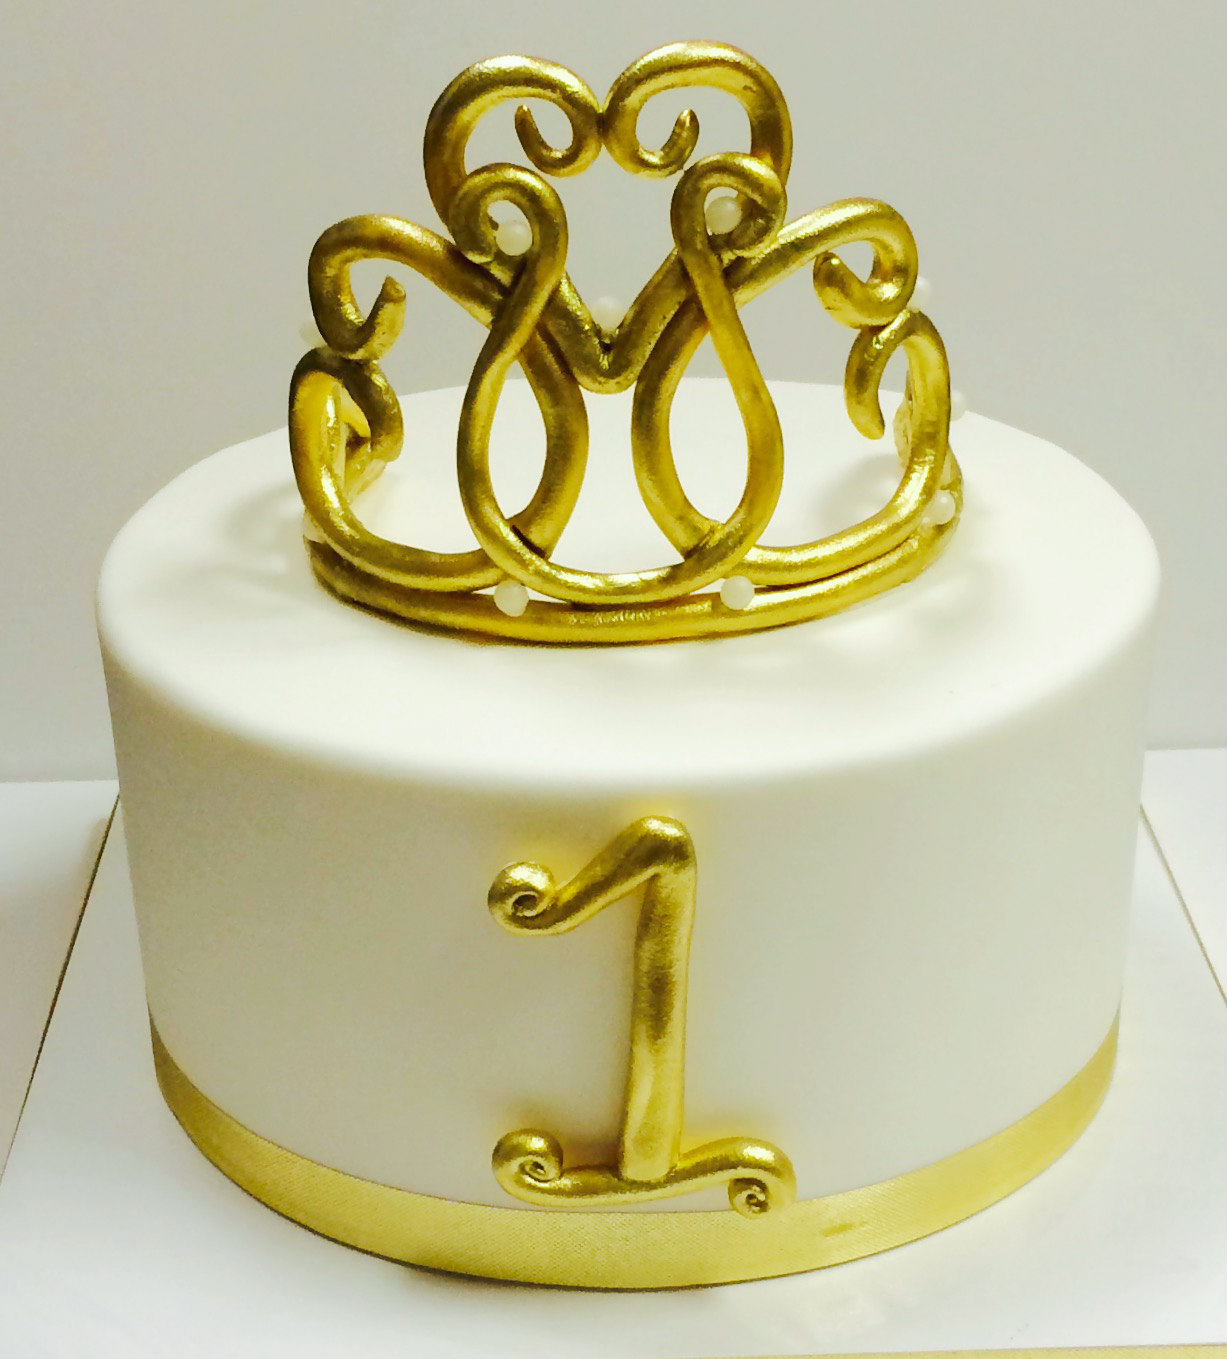 tiarra cake